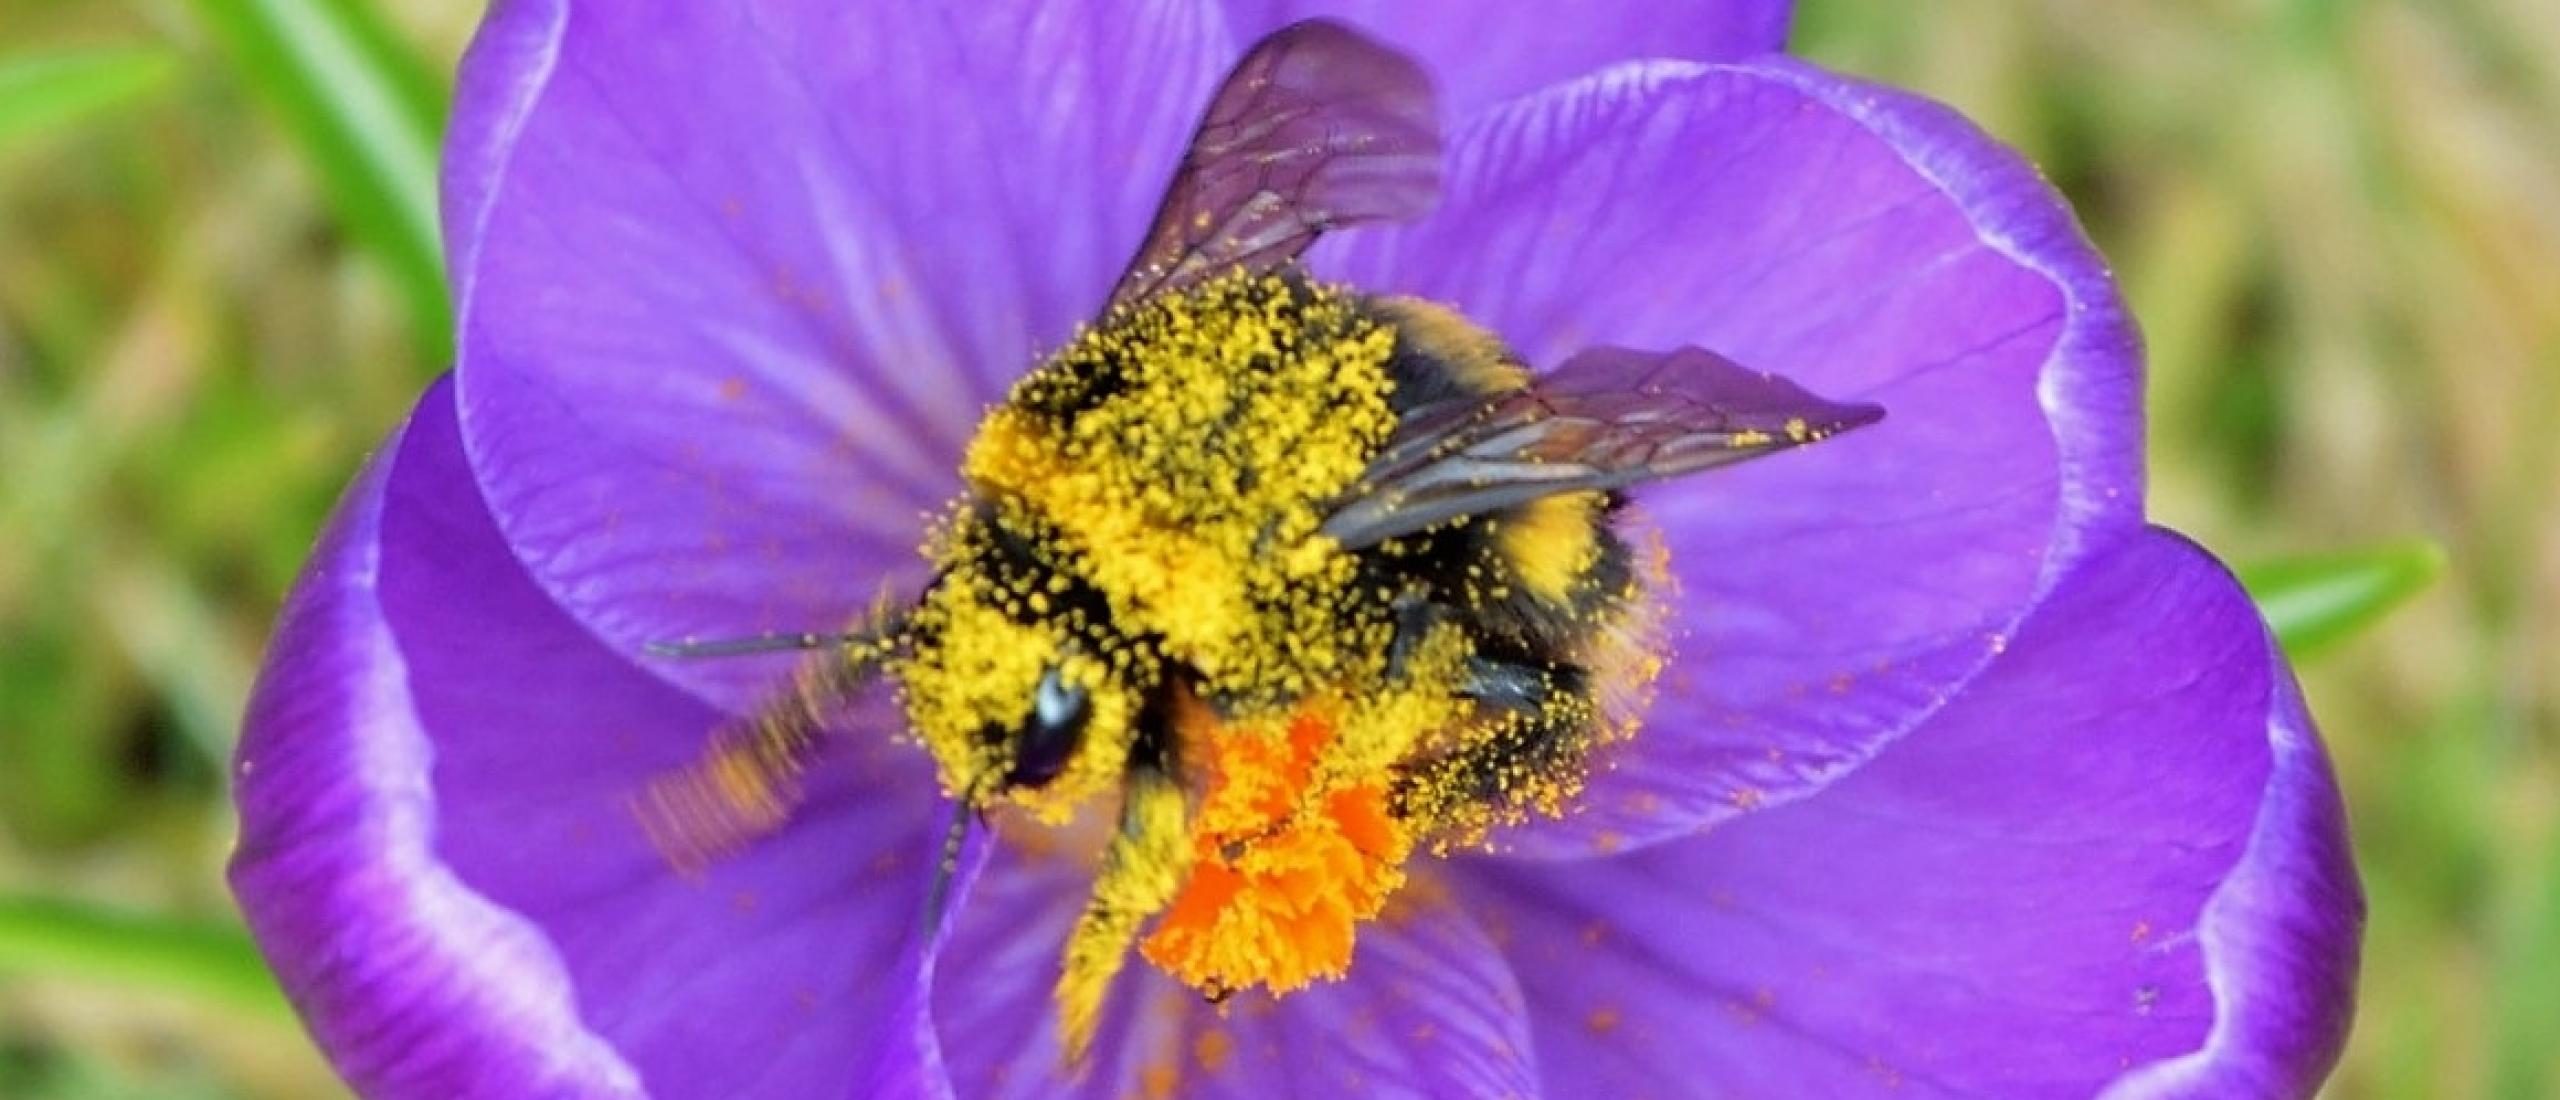 Plant alleen biologische bloembollen voor bijen!